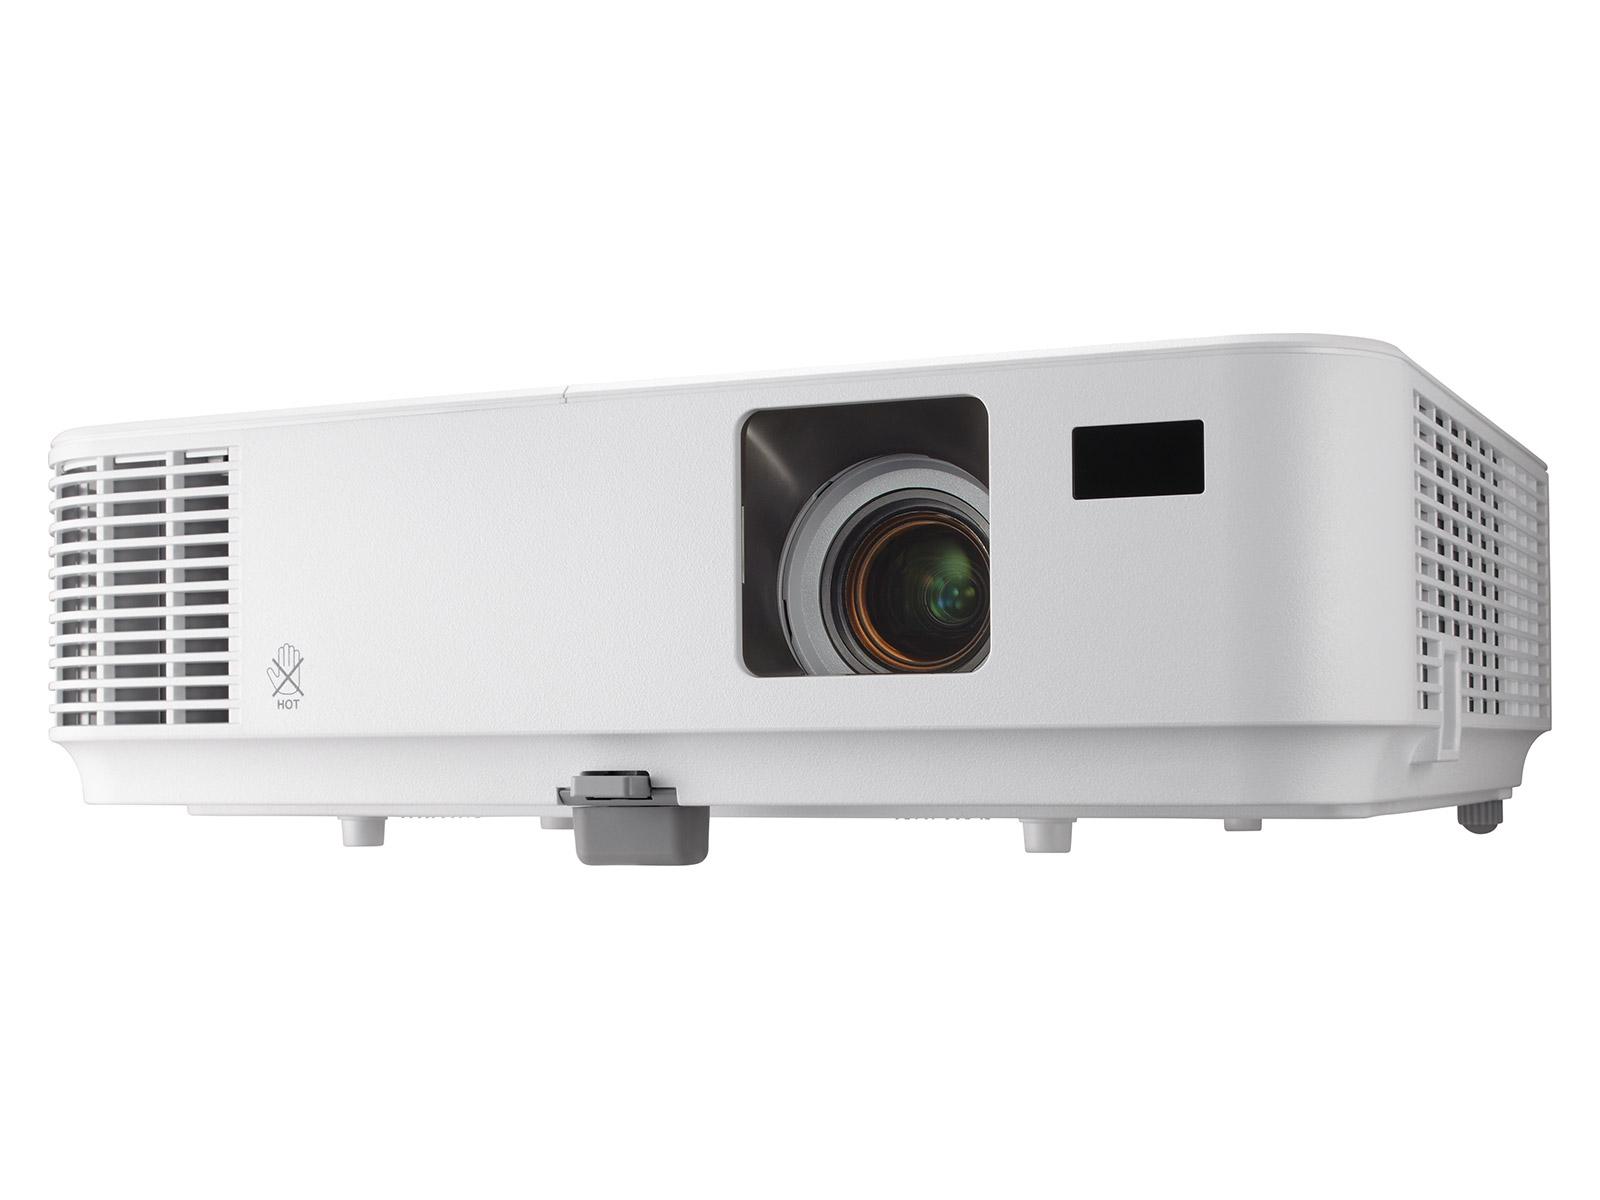 NEC - Projecteur DLP - 3D - 3000 ANSI Lumens - Full HD (1920x1080) - 16:9 - HD 1080p - 8000:1 - 2.9 kg